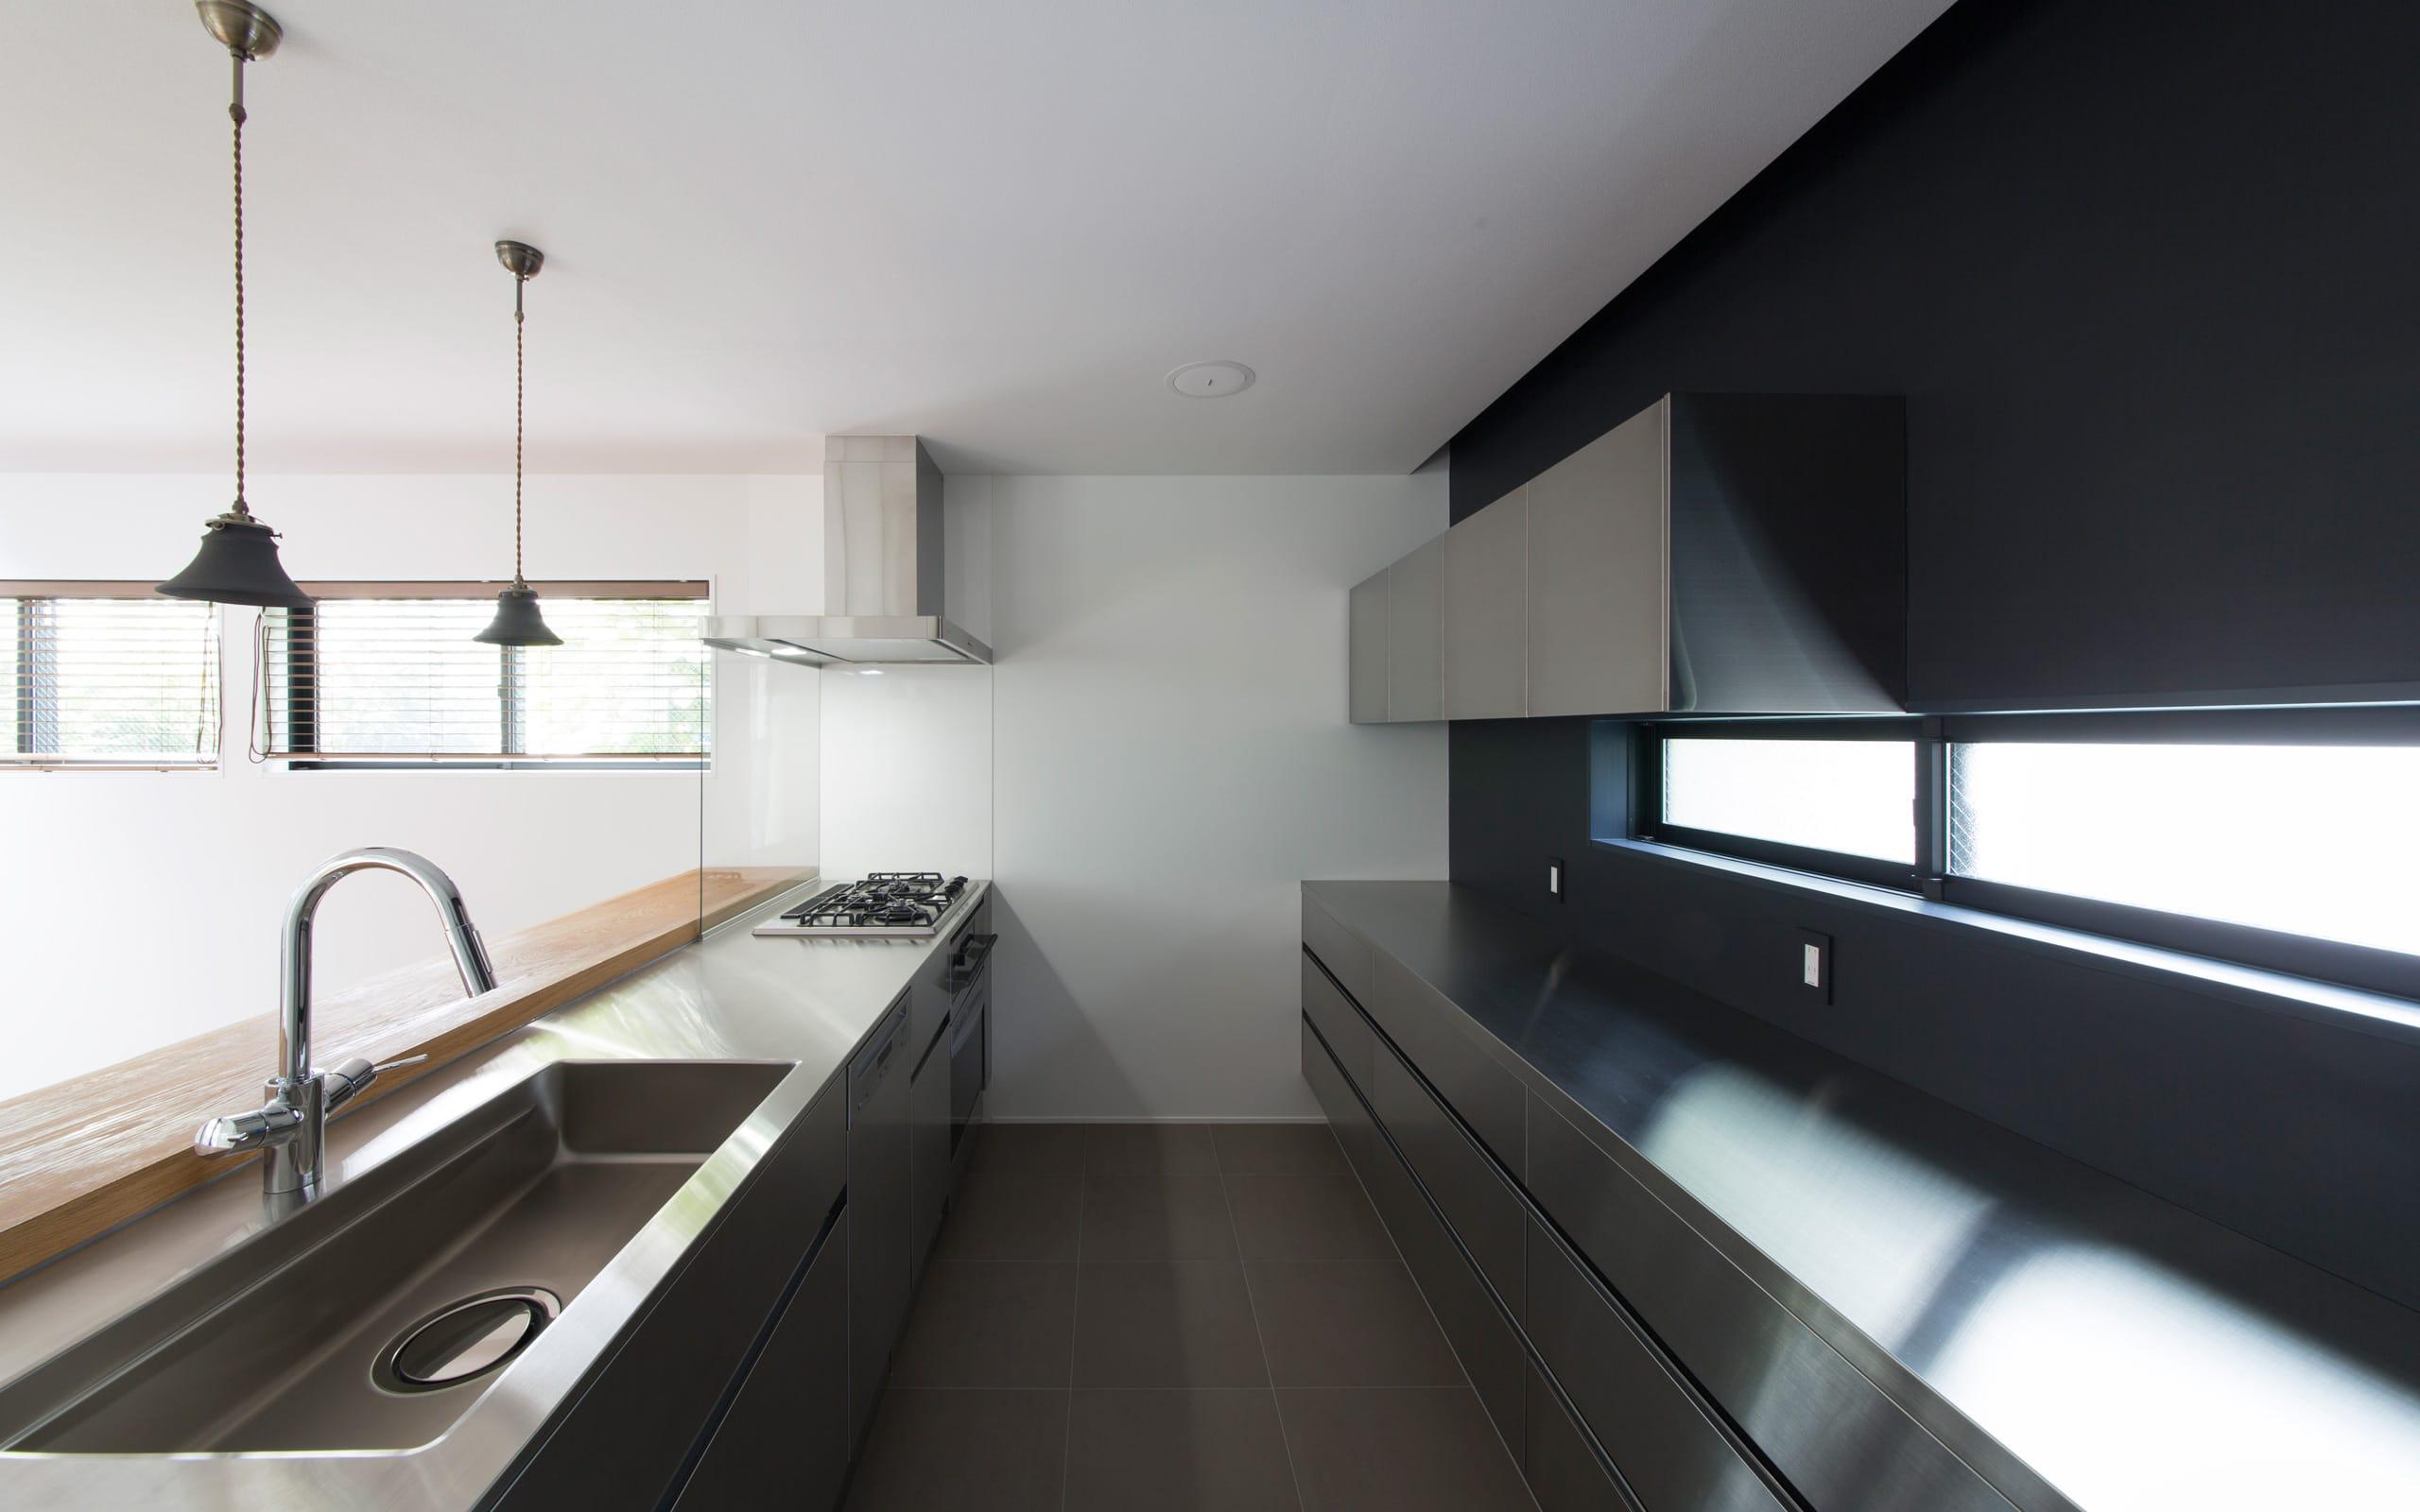 ブルックリンハウスのキッチン1